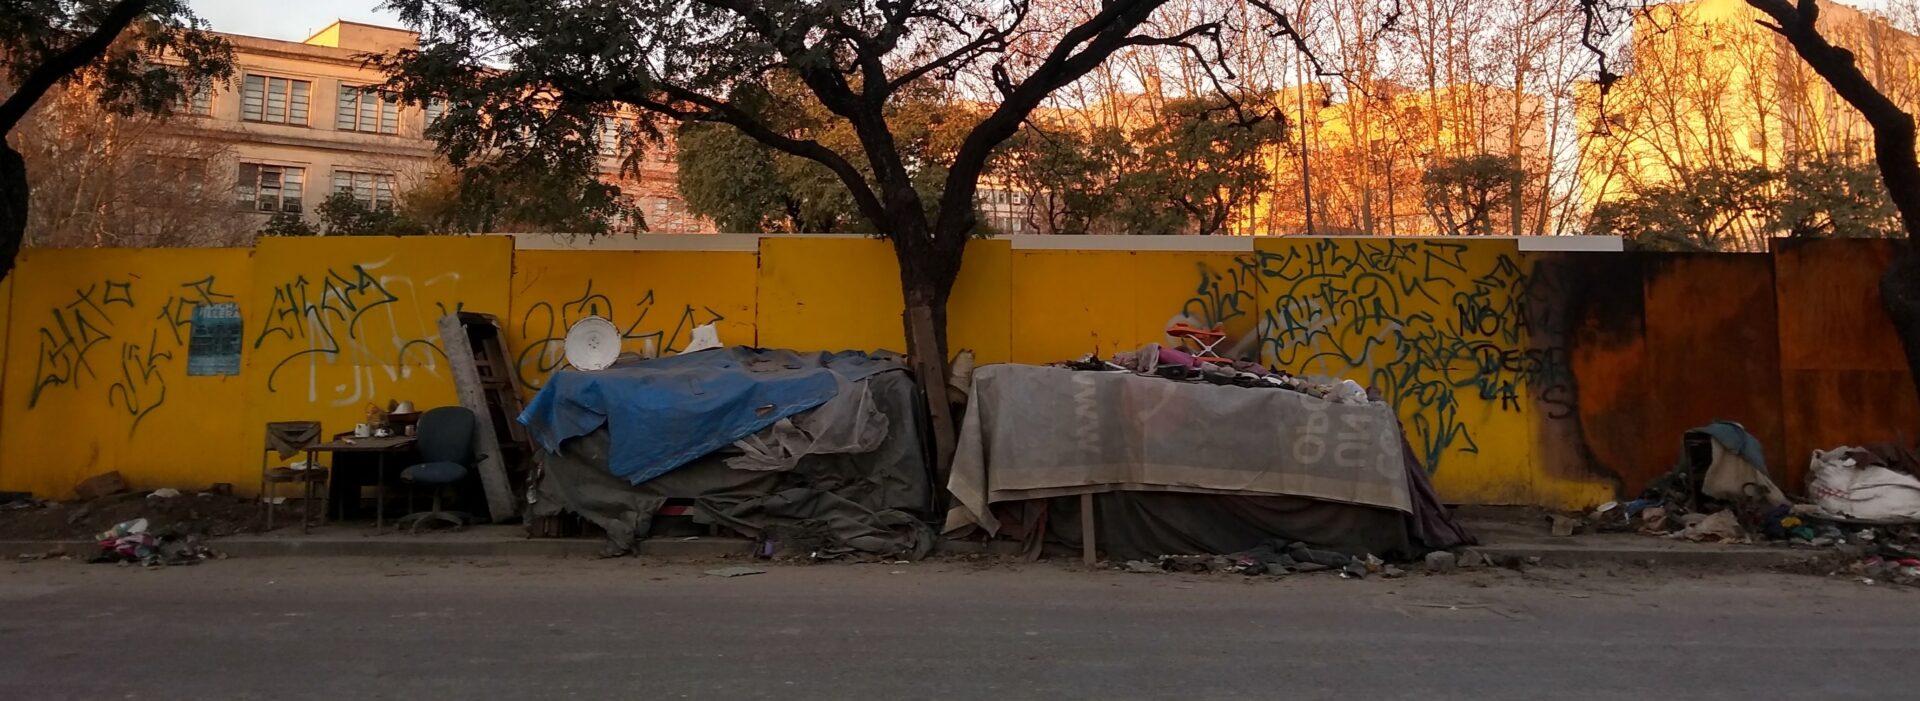 El drama de los «sin techo»: un censo no oficial registró 7.251 personas en situación de calle en la ciudad de Buenos Aires